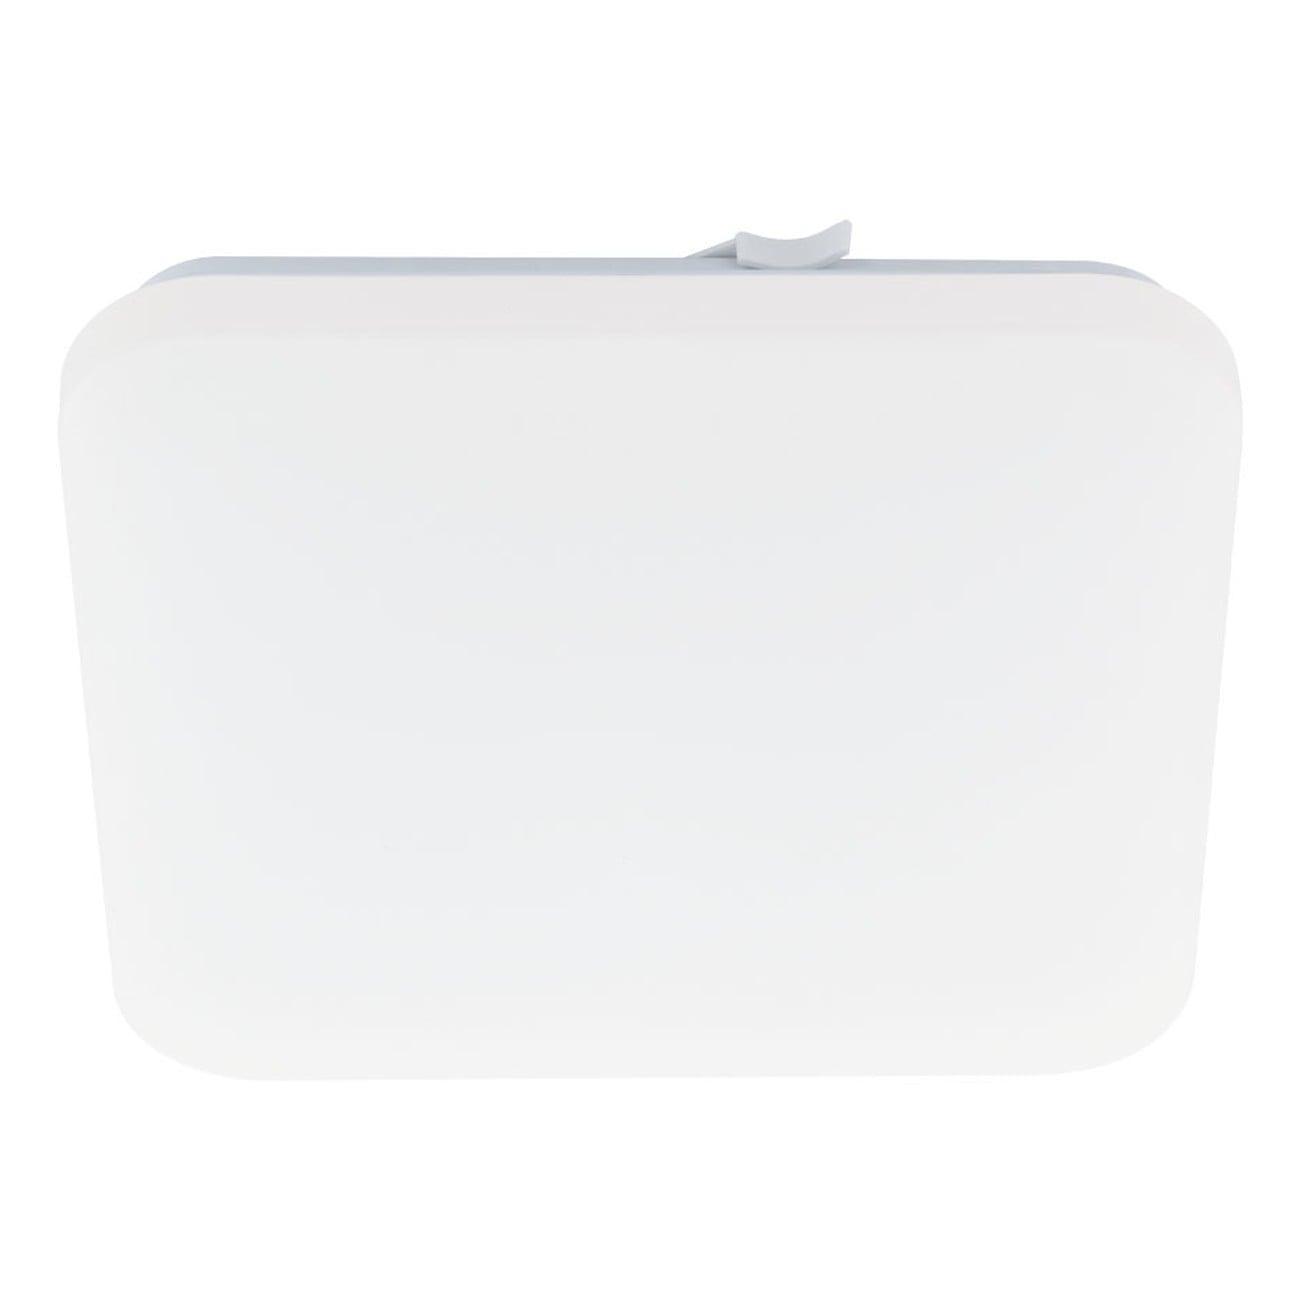 Kúpeľňové svietidlo EGLO FRANIA biela LED   97885